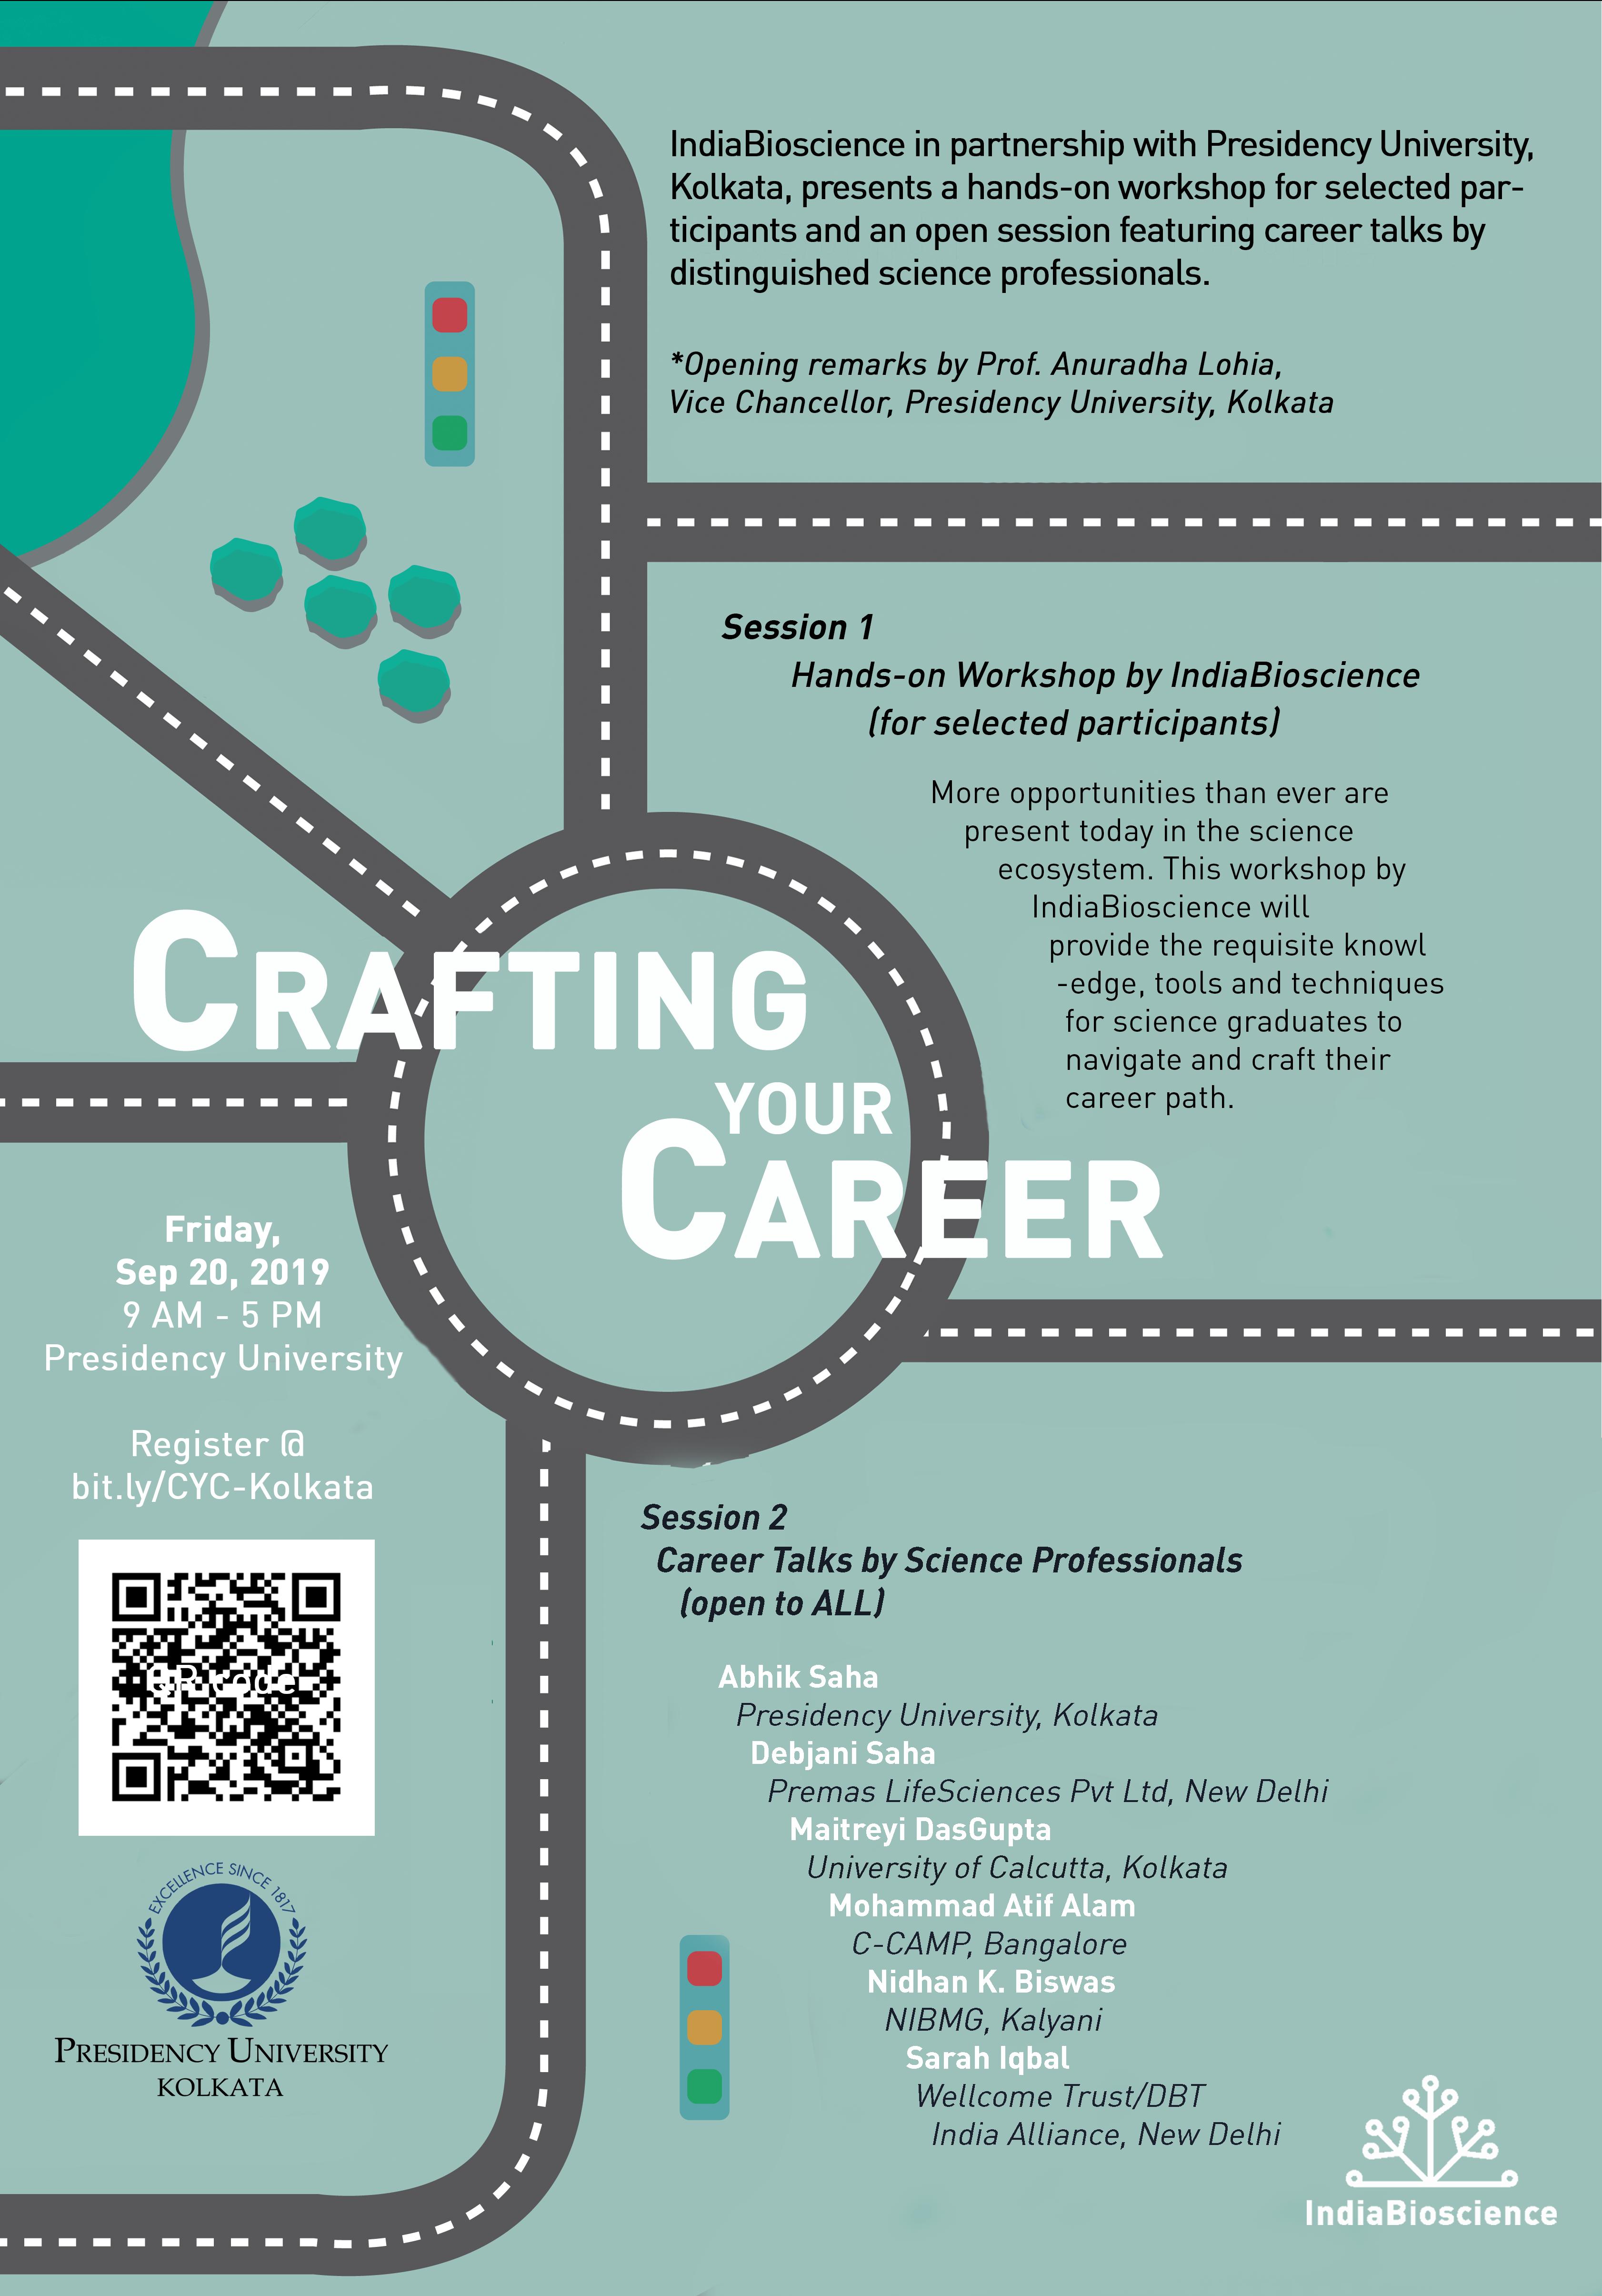 20190920 Crafting your Career Kolkata copy